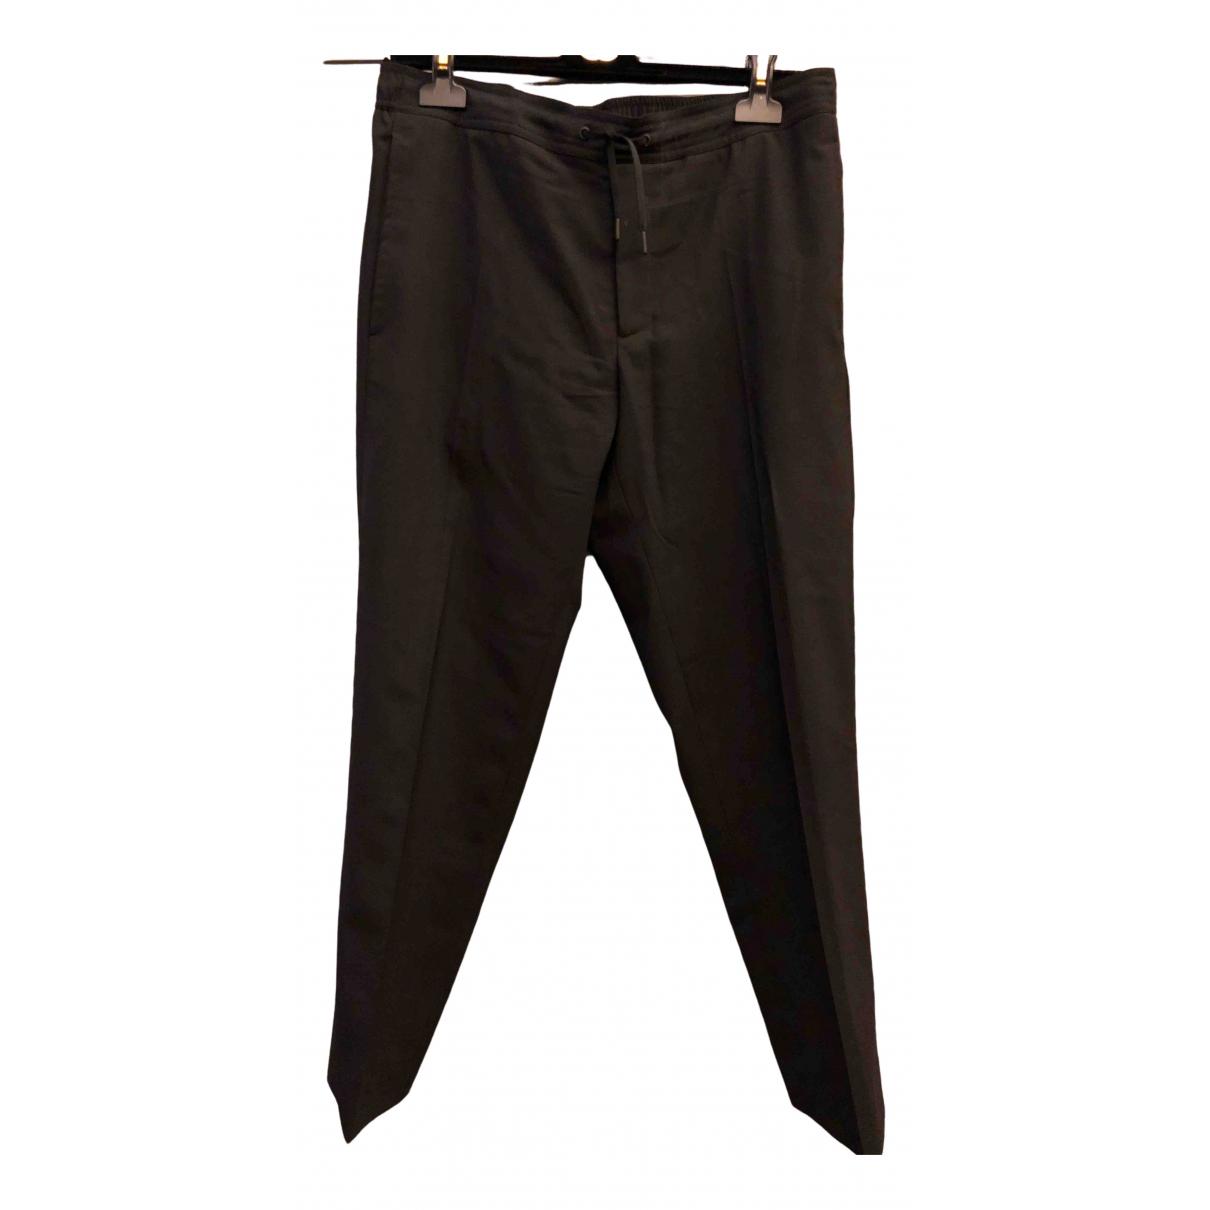 Sandro Spring Summer 2019 Black Wool Trousers for Men 40 FR